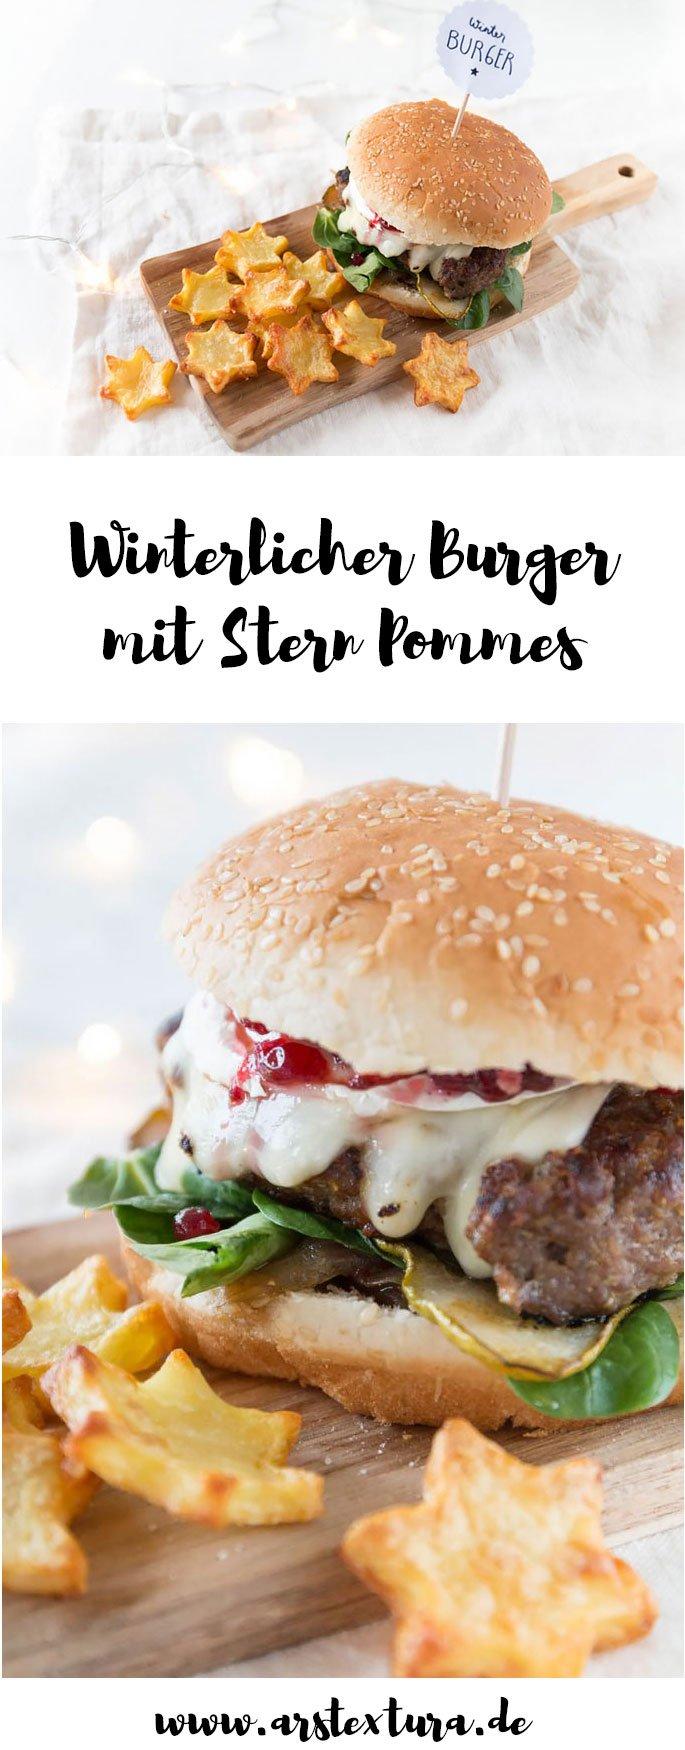 Burger Rezept: Winterlicher Burger mit Stern Pommes